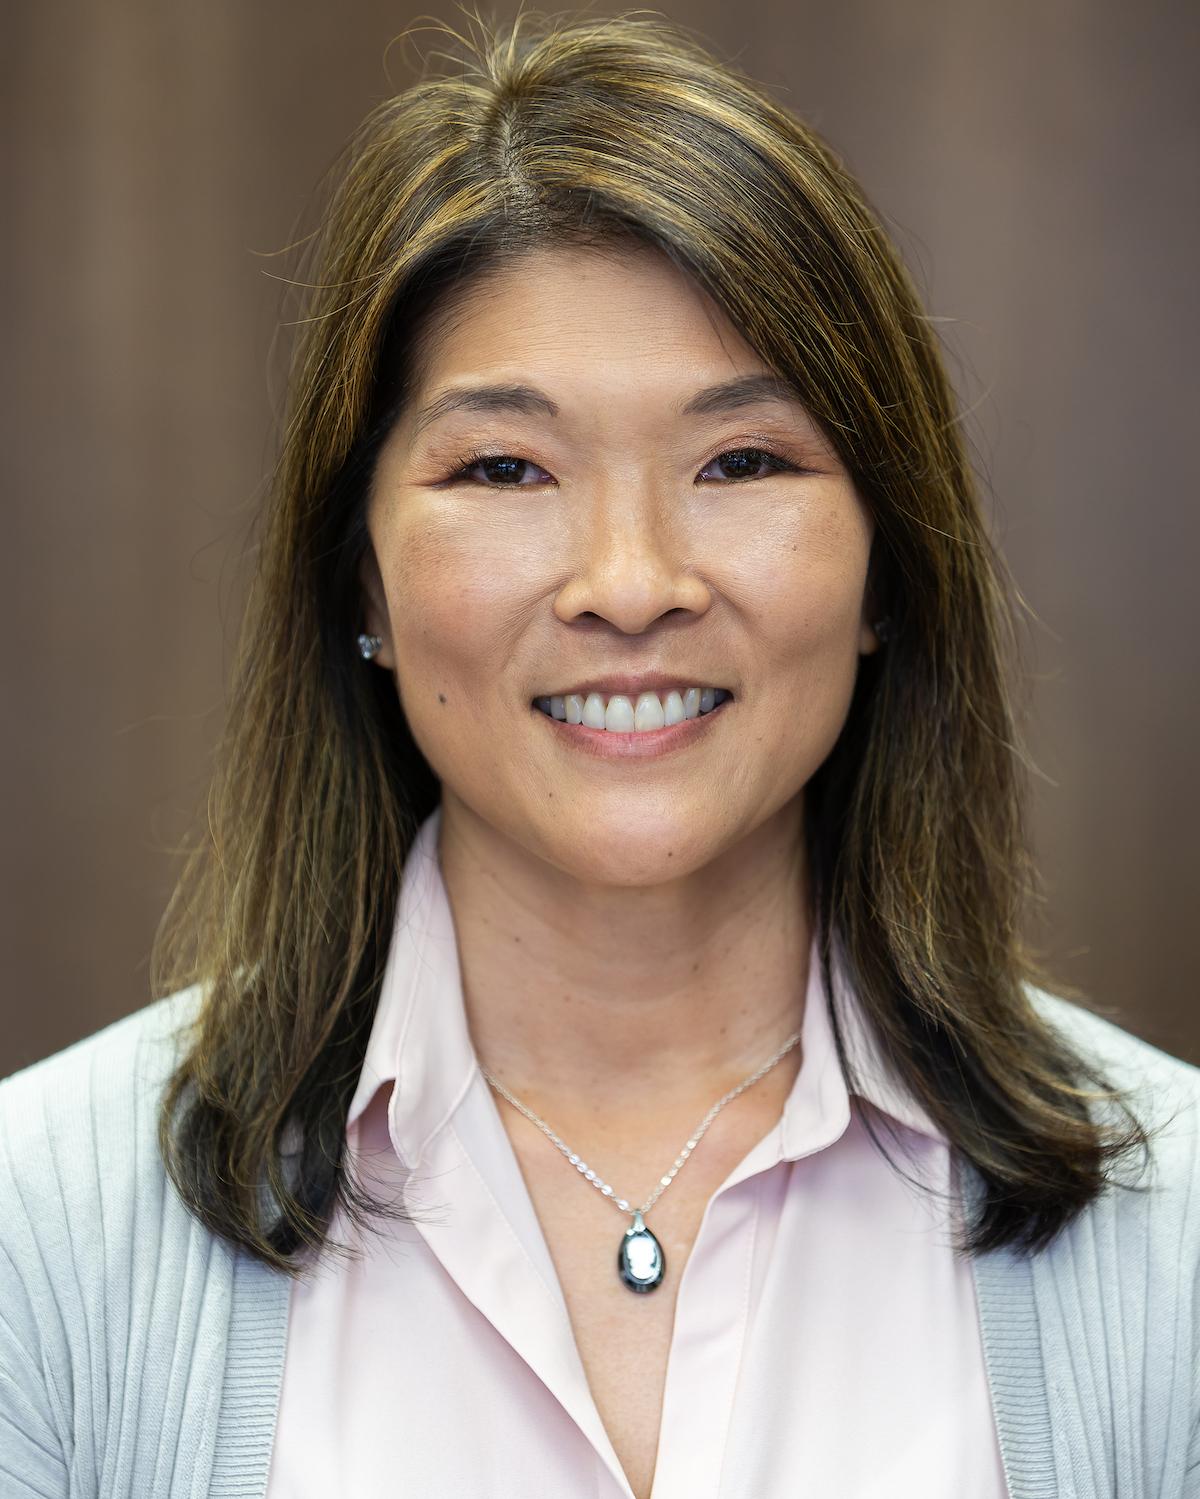 Ronni M. Chen, MD